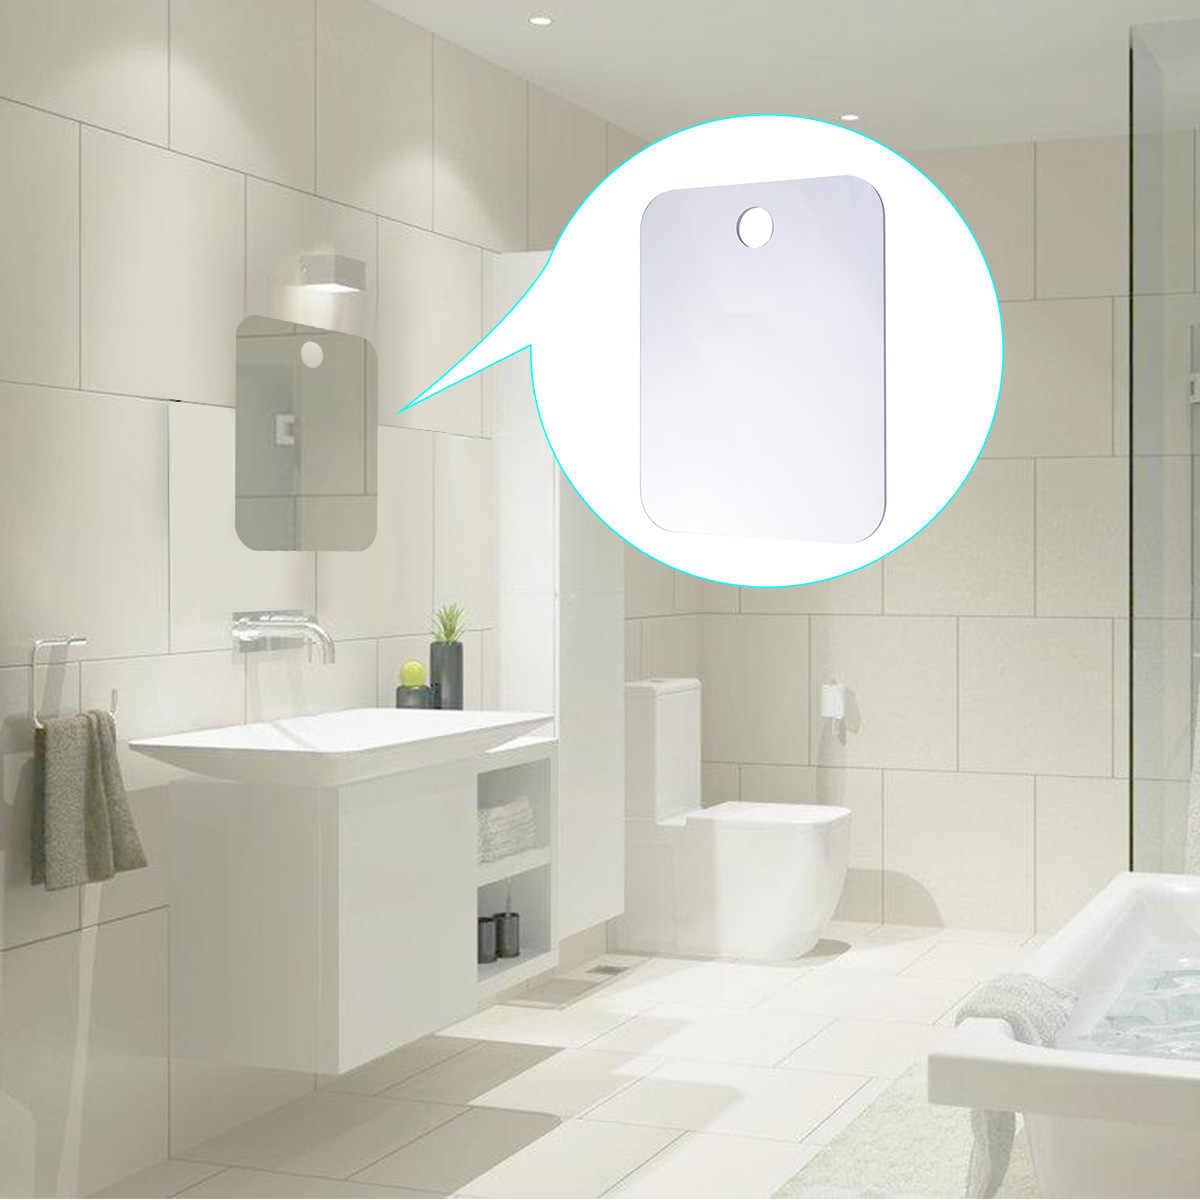 ... Anti-Fog Fogless Shower Bath Mirror Shaving Mirror Easy to Clean  Bathroom Washroom Hanging Up ...